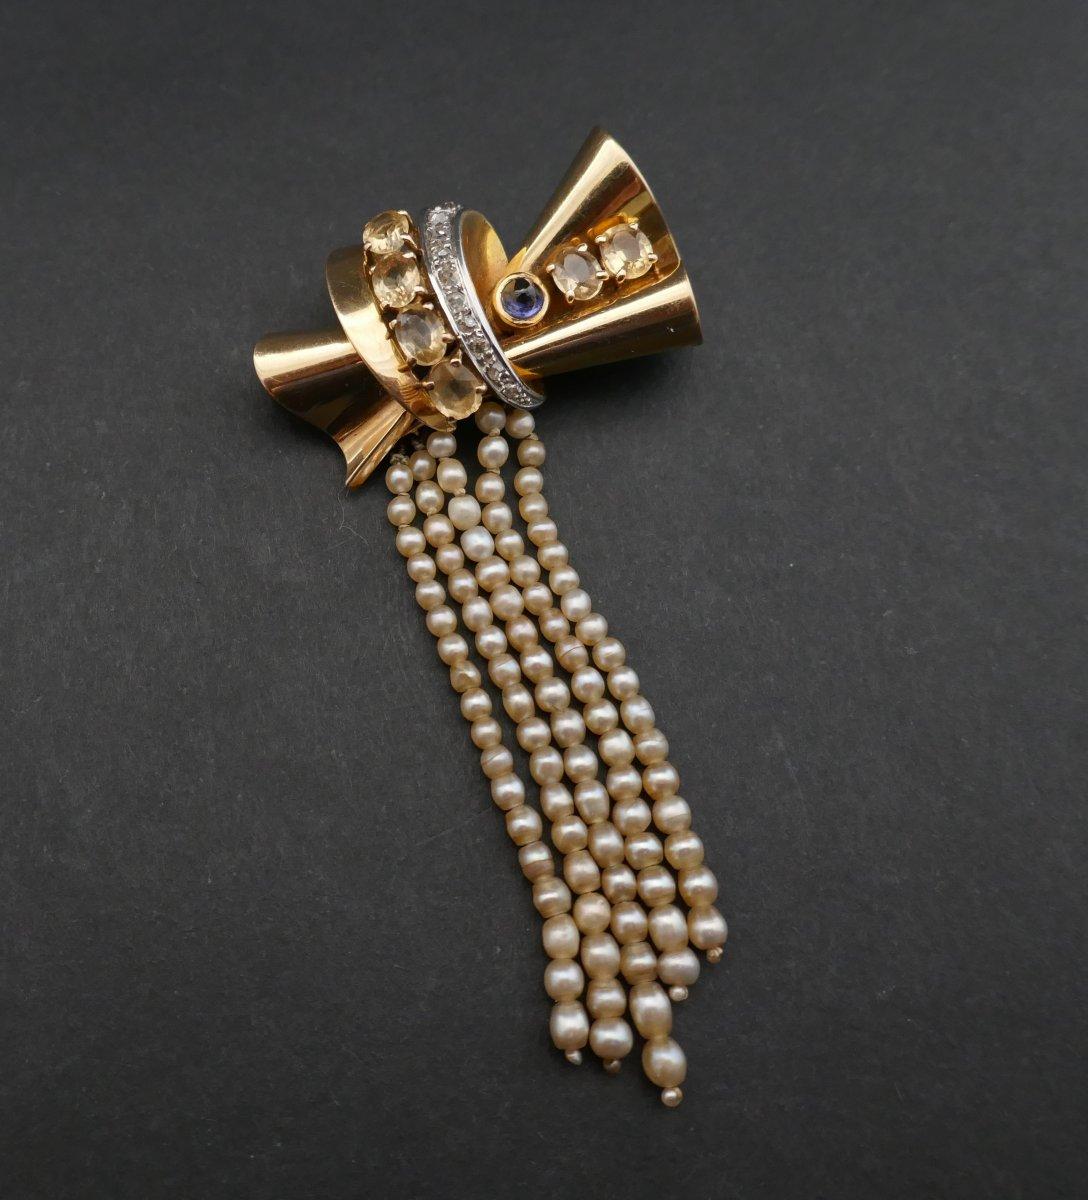 Broche Années 50' En Or Et Platine, Saphir, Citrines, Diamants Et Perles.